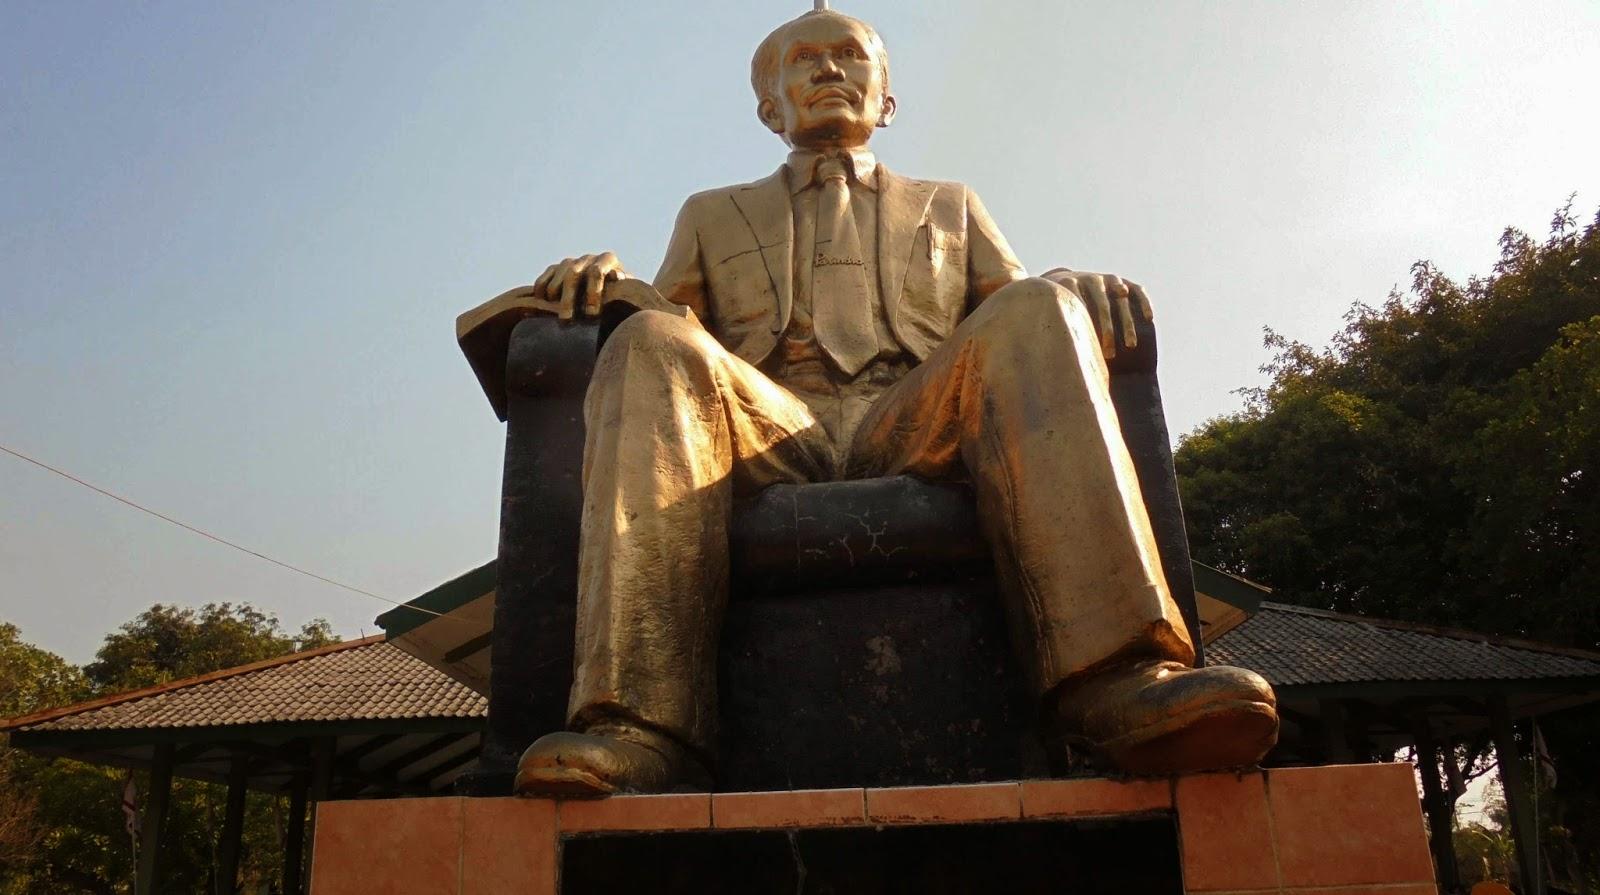 Mtsn Lengkong Nganjuk Gladian Pimpinan Regu Penggalang 2014 Bertempat Monument